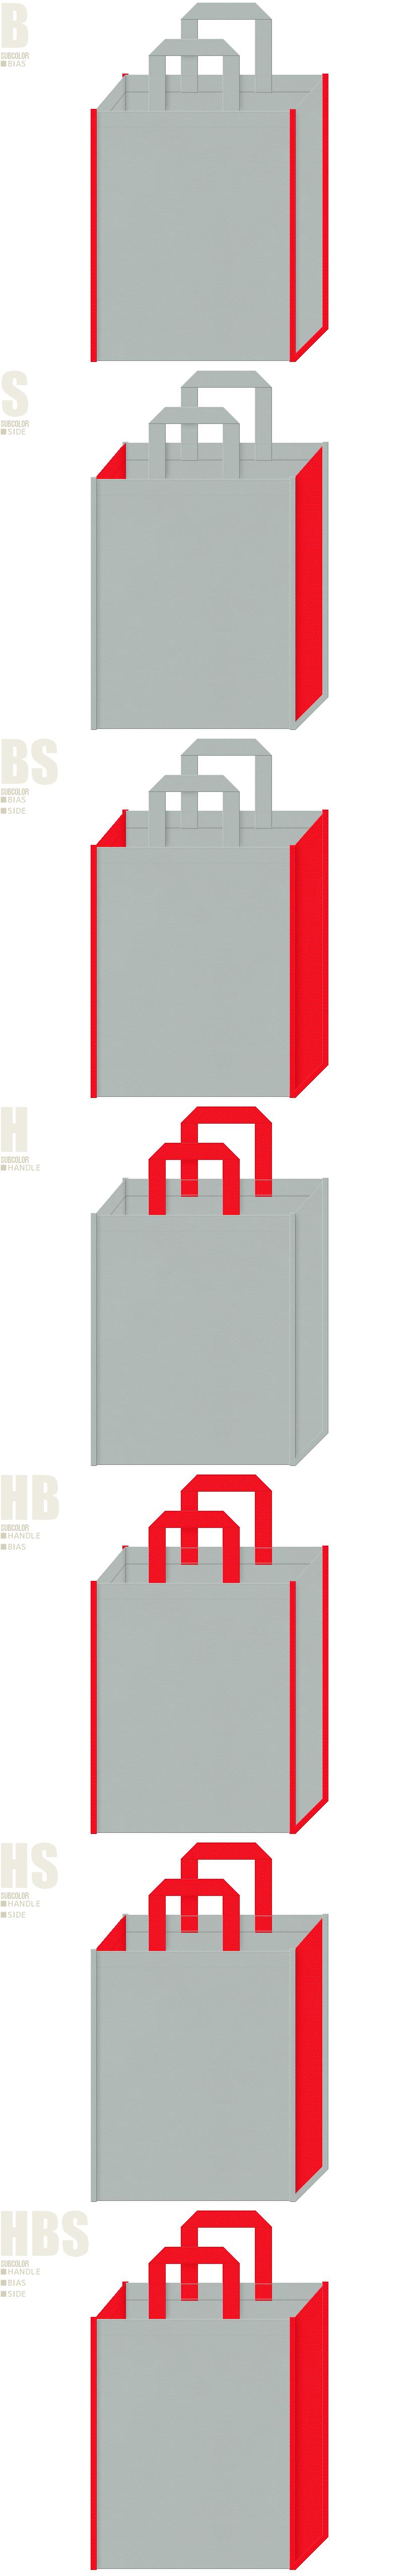 プラモデル・ラジコン・ロボットイメージにお奨めの、グレー色と赤色-7パターンの不織布トートバッグ配色デザイン例